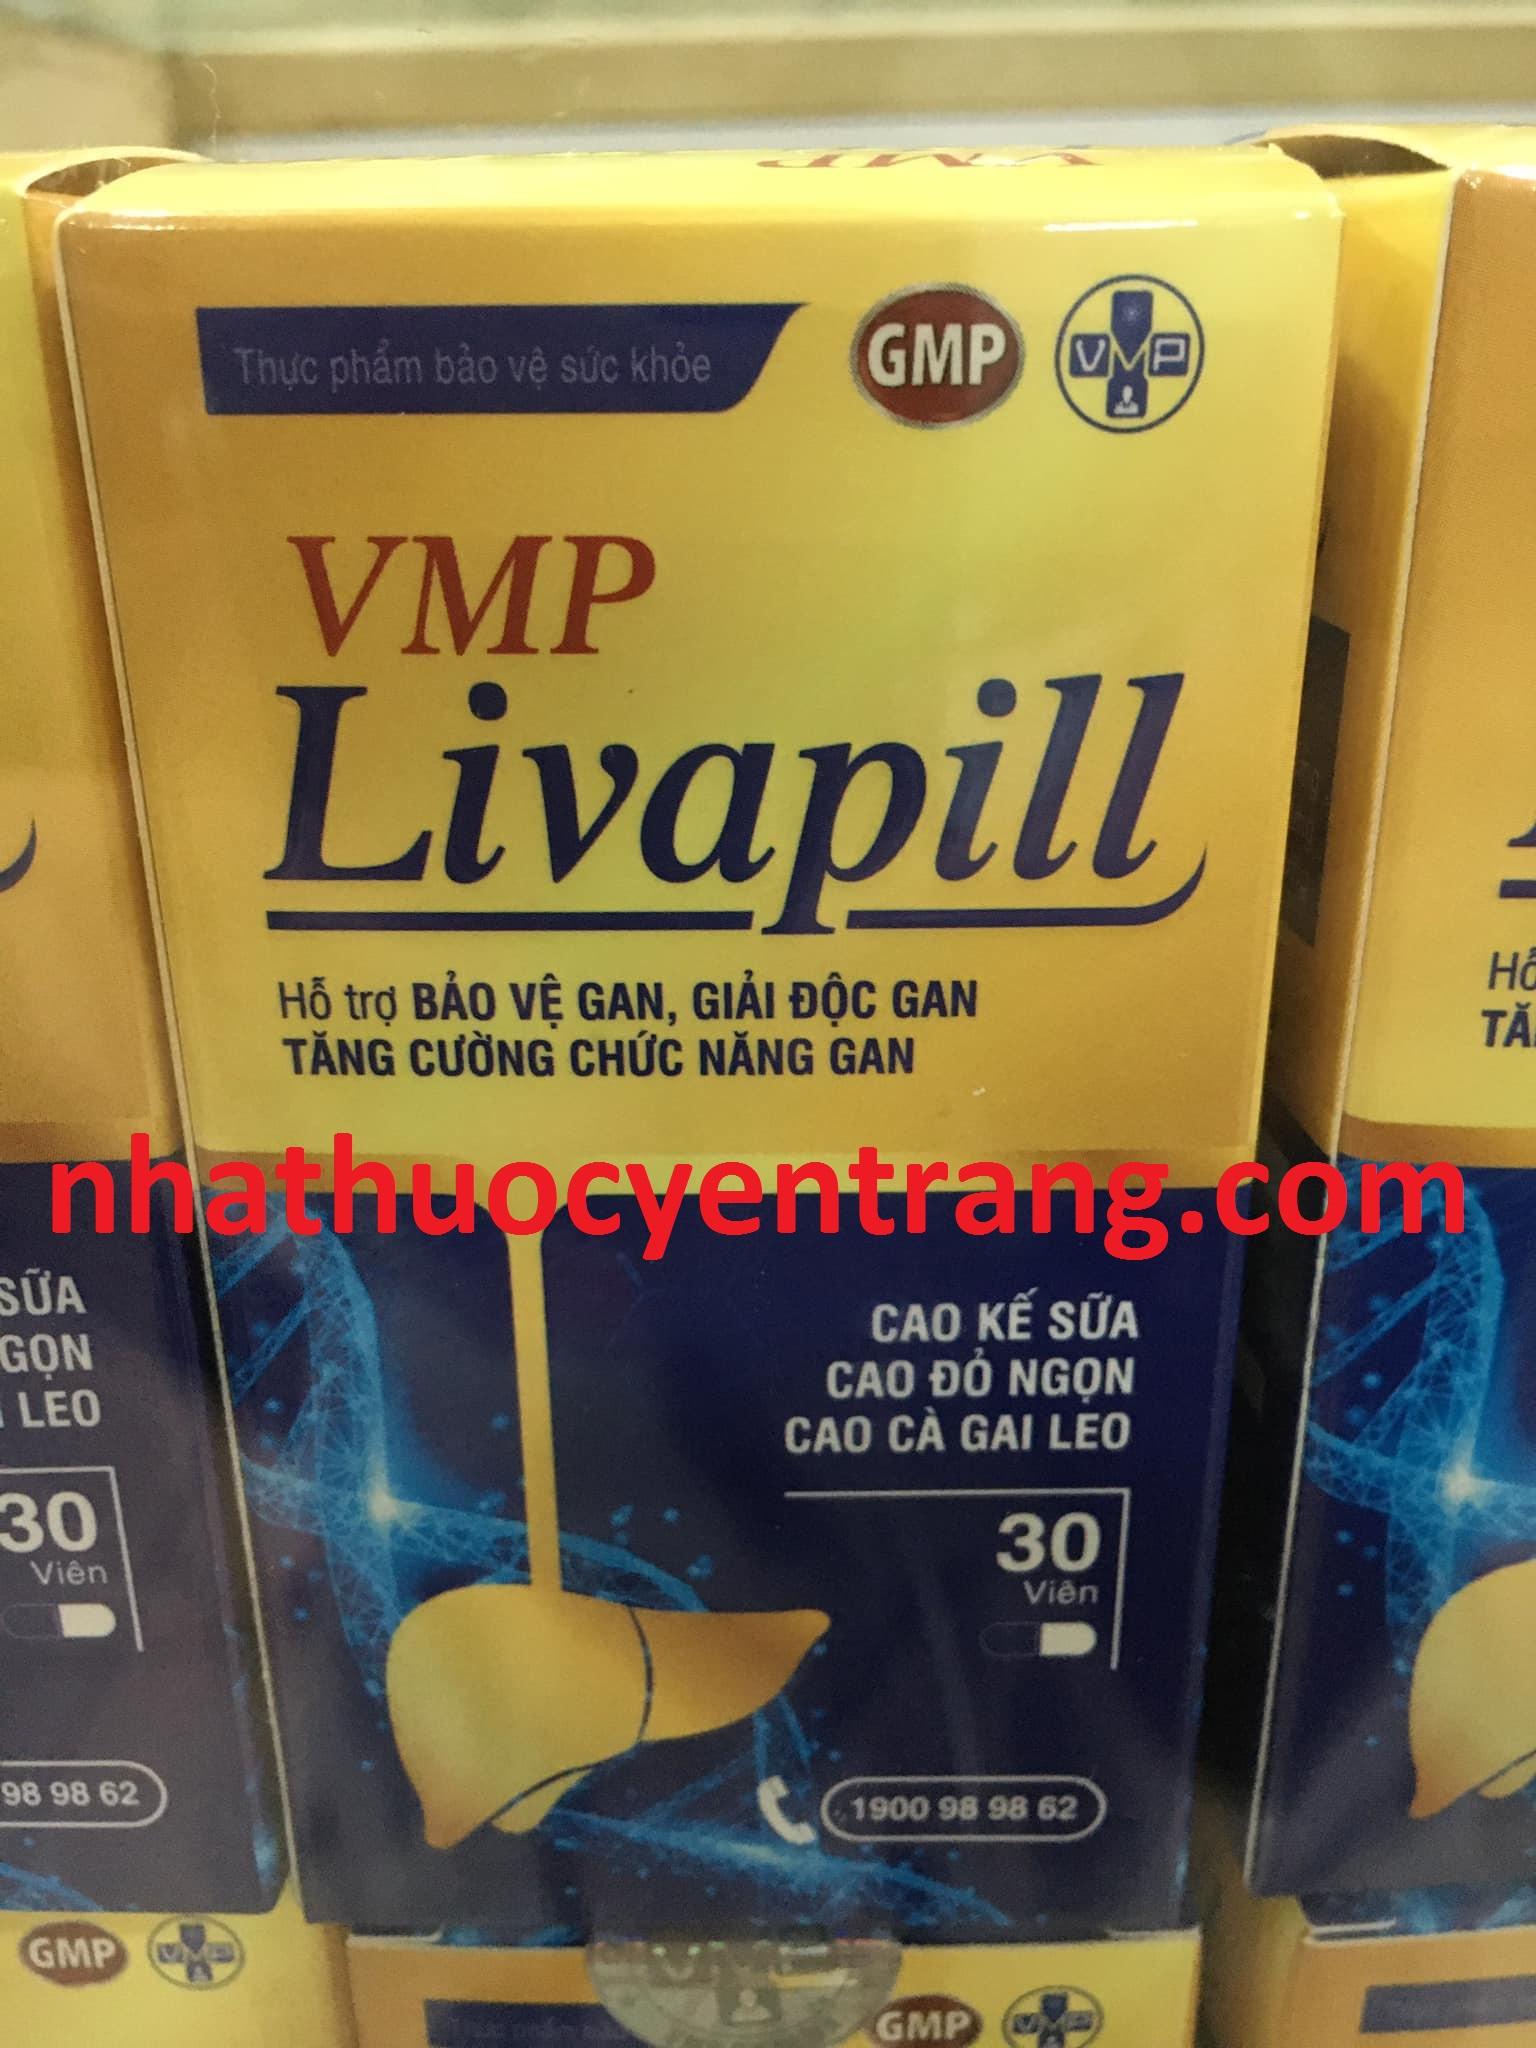 VMP LIVAPILL